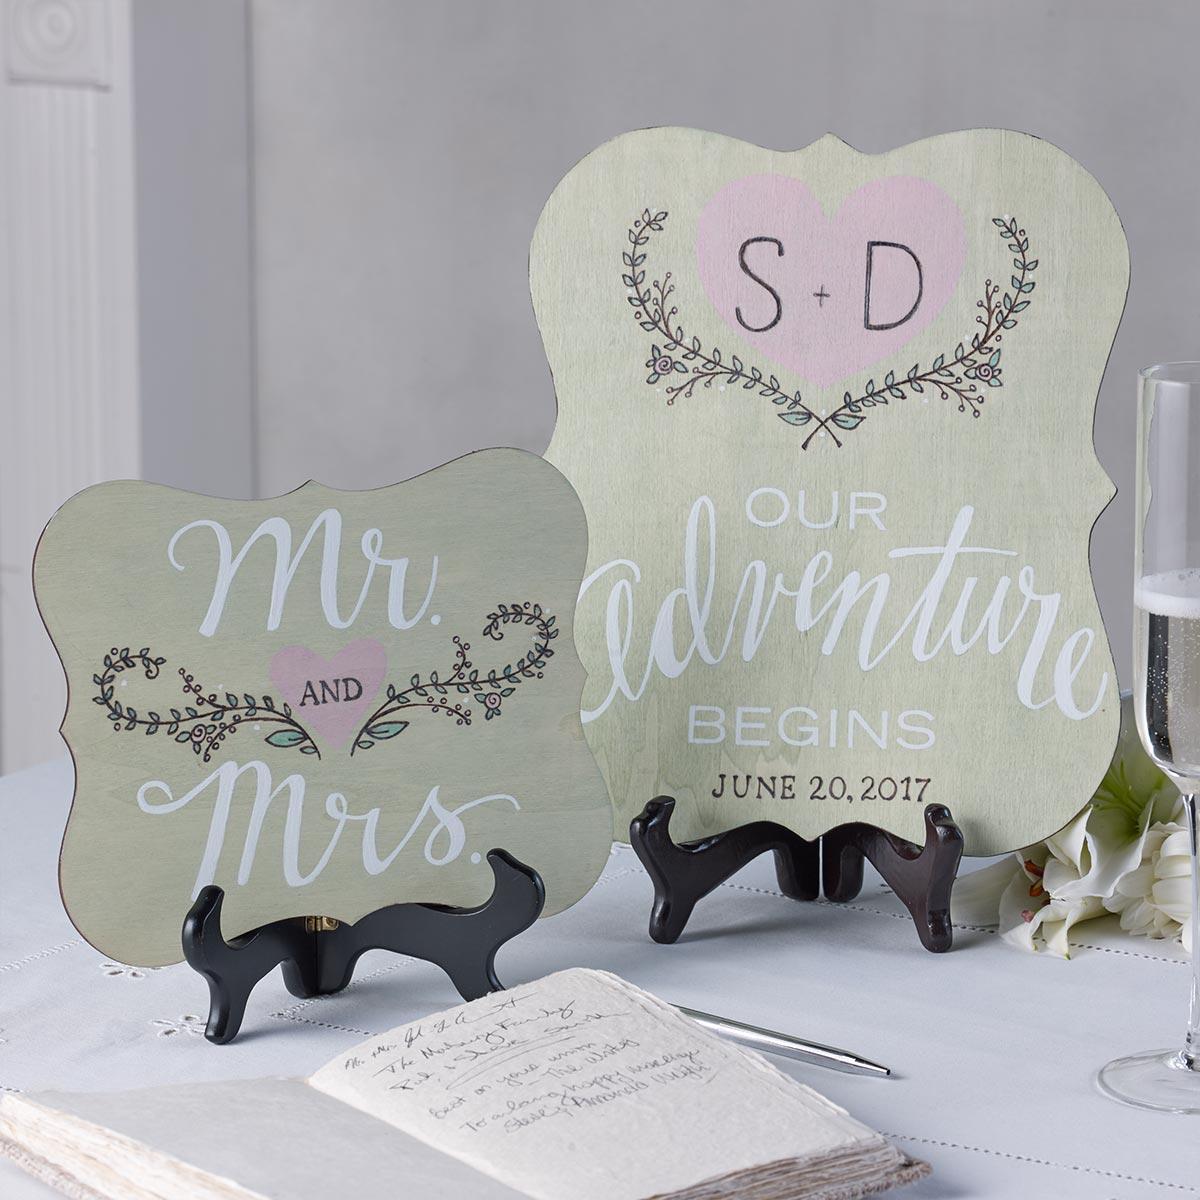 Wedding Centerpiece Signs